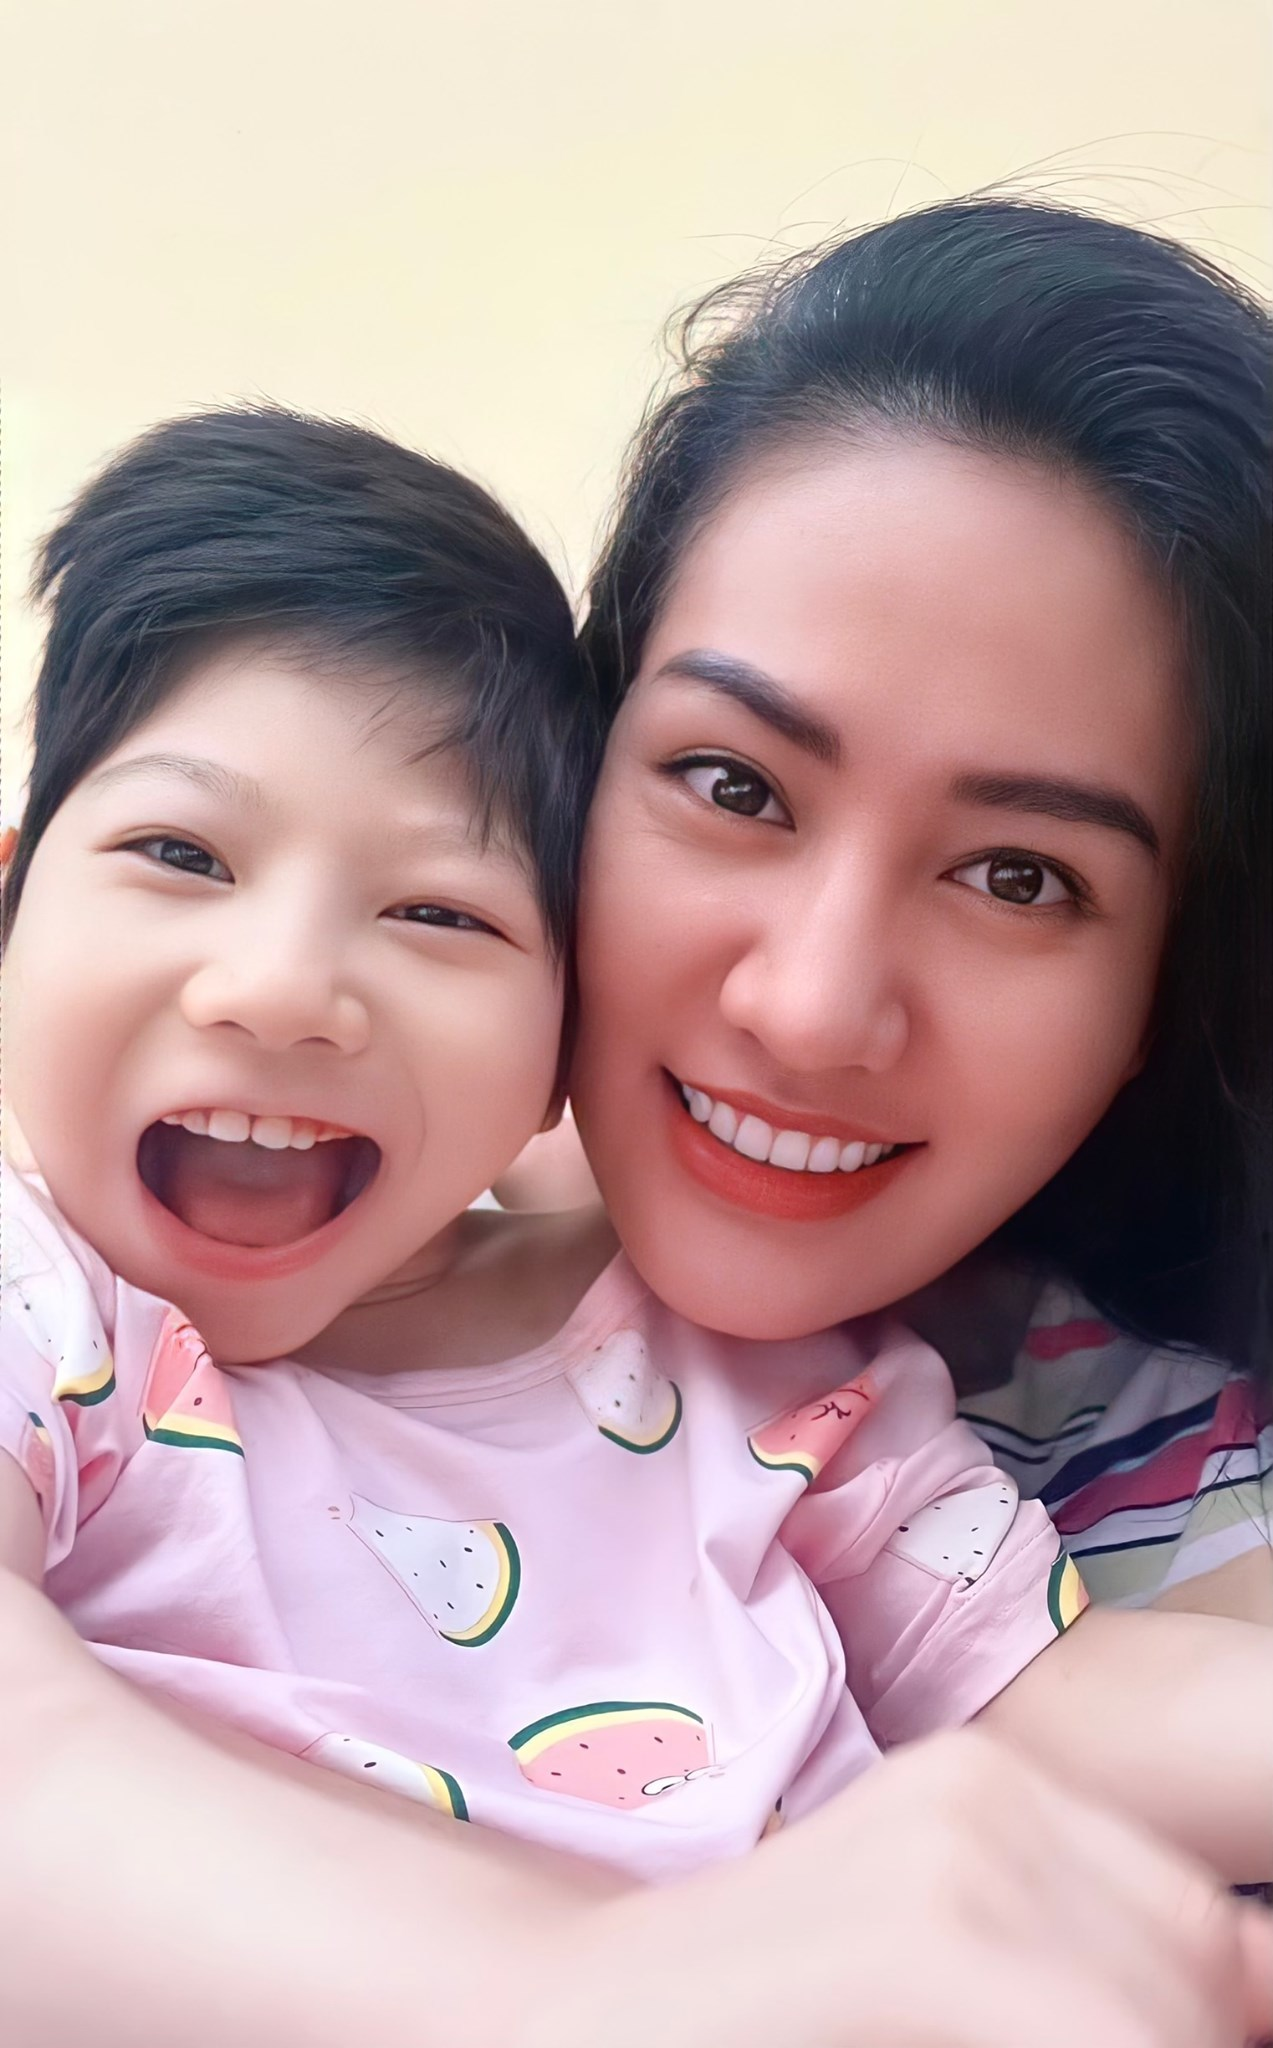 Minh Cúc 'Hương vị tình thân': Làm mẹ đơn thân tuổi 35, chuyên vai độc, dị